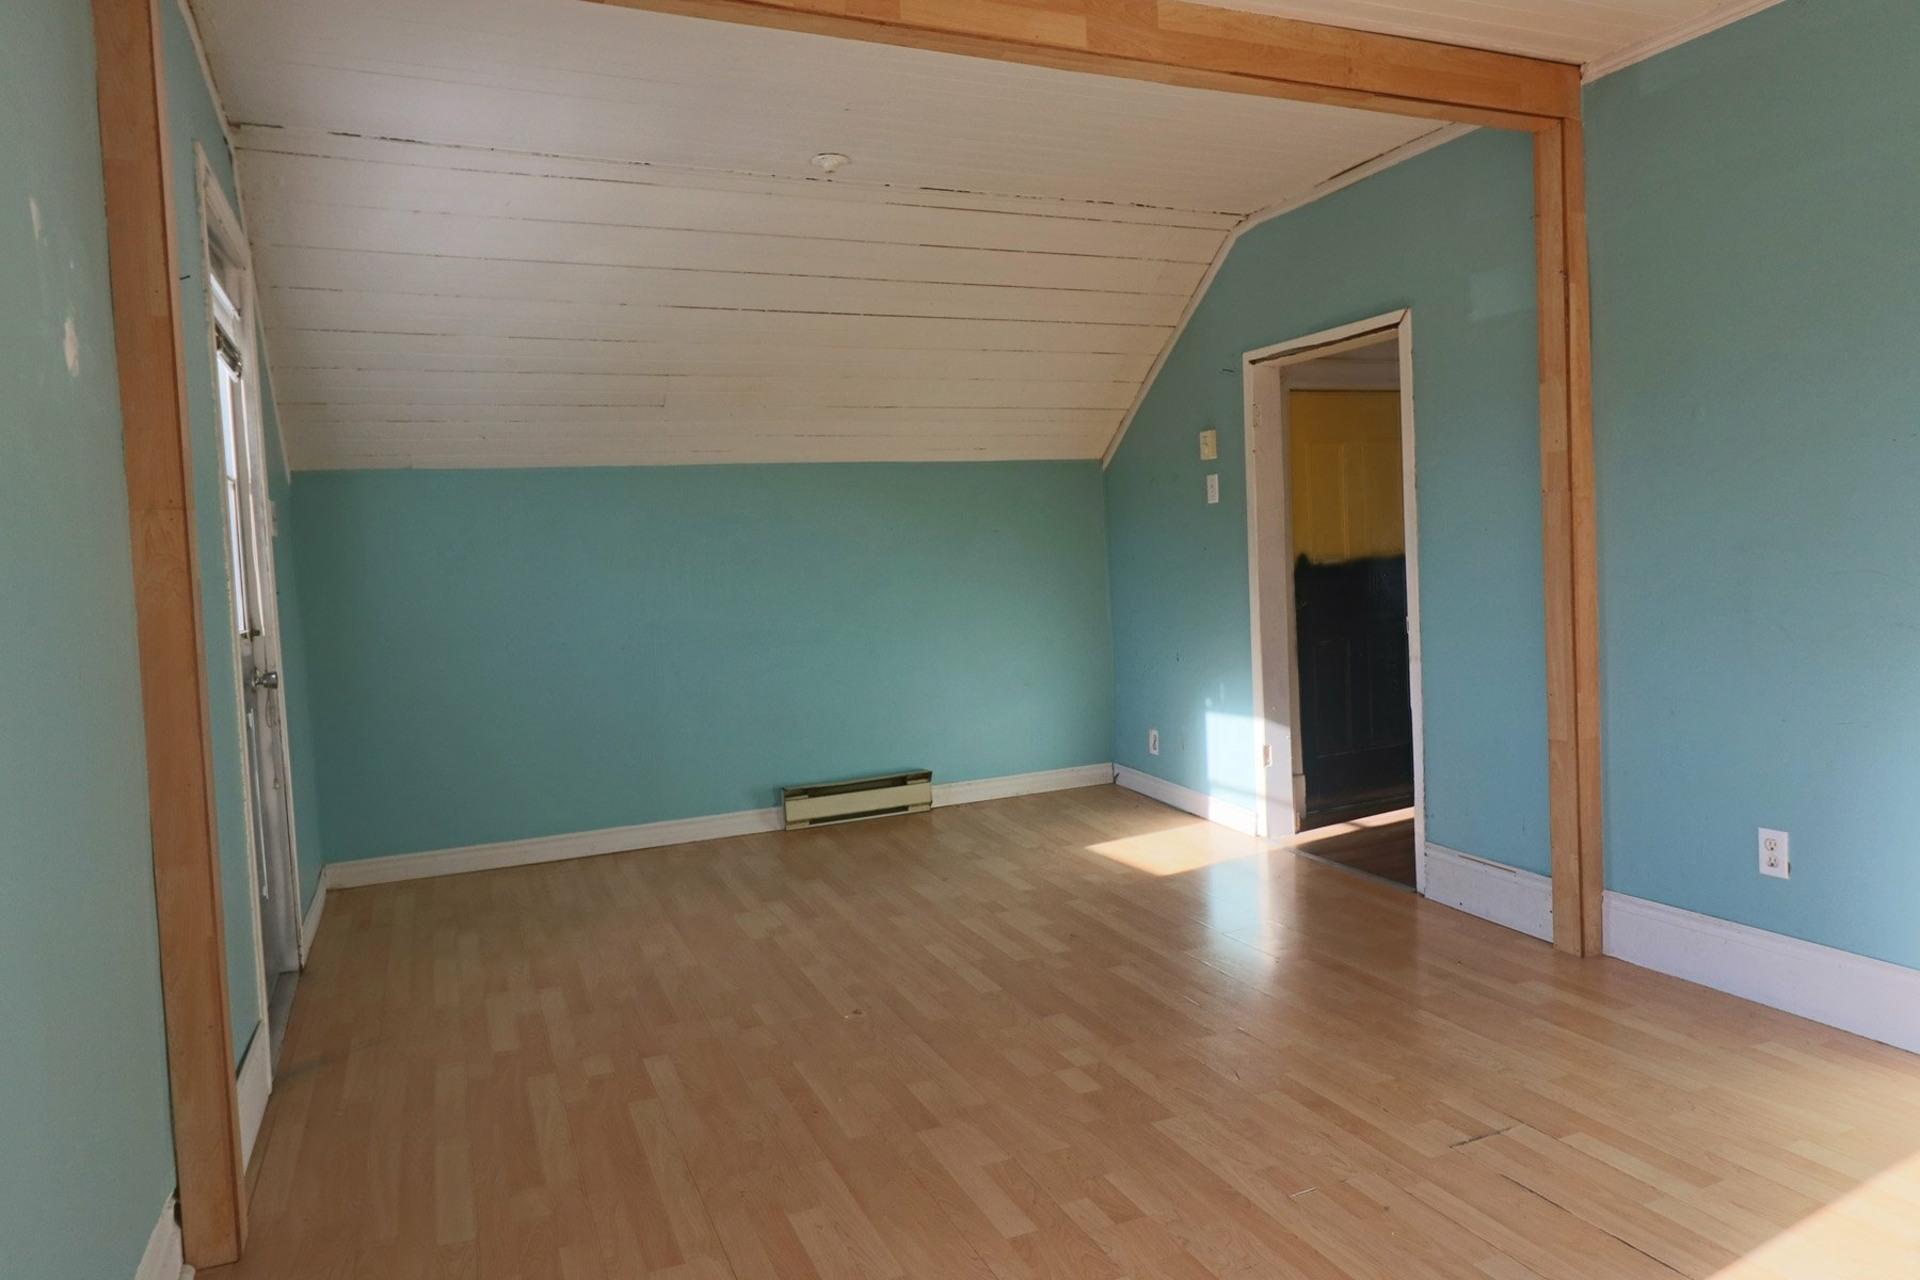 image 7 - Duplex For sale Trois-Rivières - 4 rooms